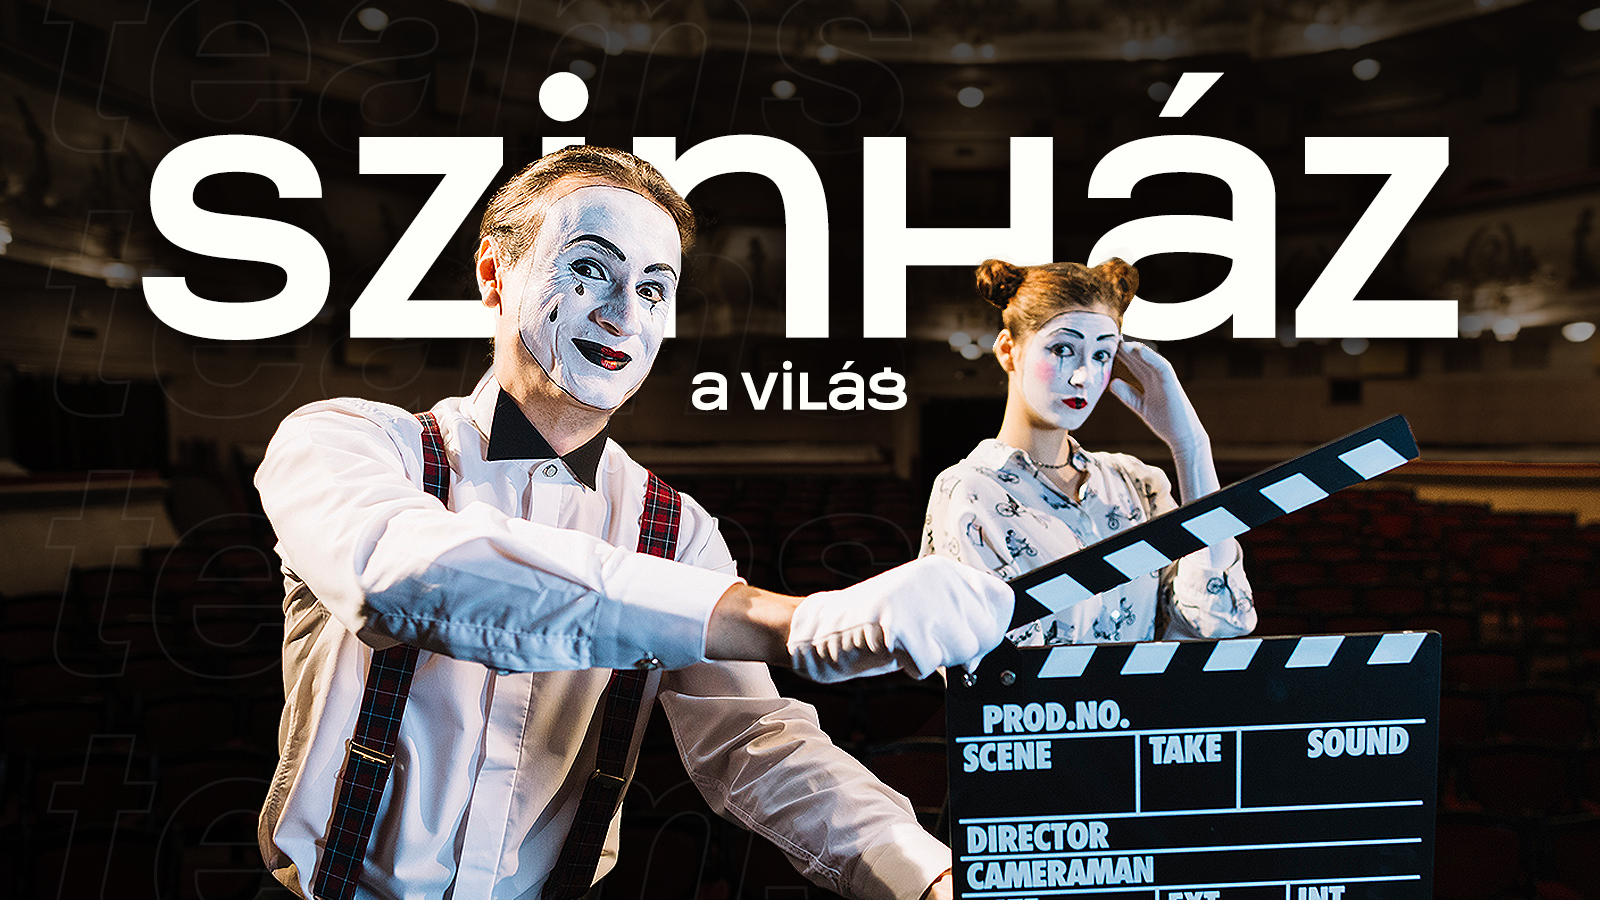 Színház a világ - instant teams